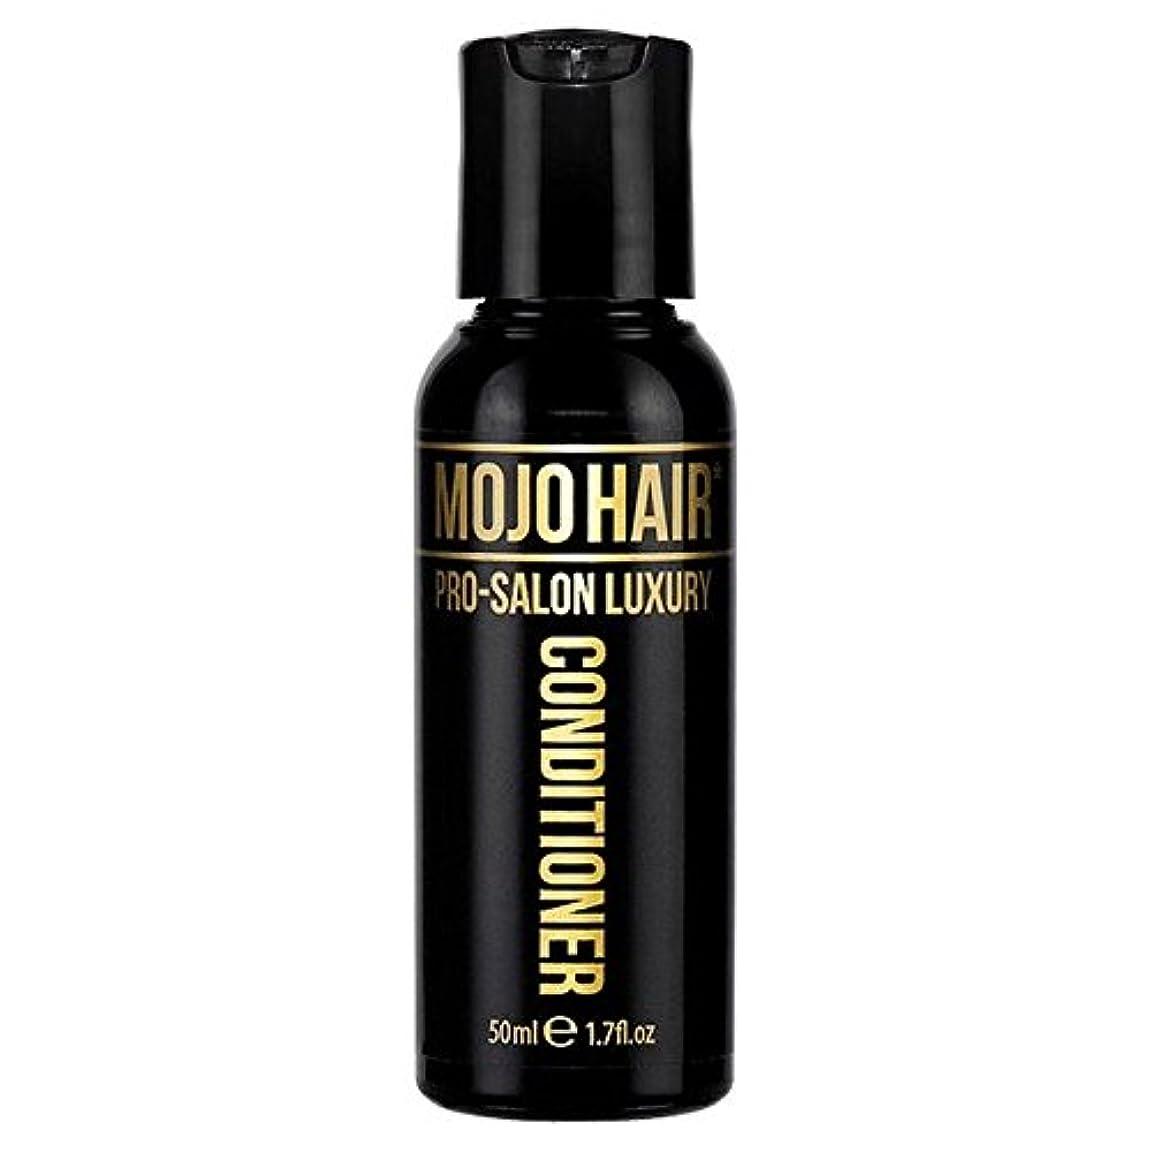 間違えた財布ホール男性のためのモジョの毛プロのサロンの贅沢な香りコンディショナー、トラベルサイズの50ミリリットル x4 - MOJO HAIR Pro-Salon Luxury Fragrance Conditioner for Men, Travel Size 50ml (Pack of 4) [並行輸入品]